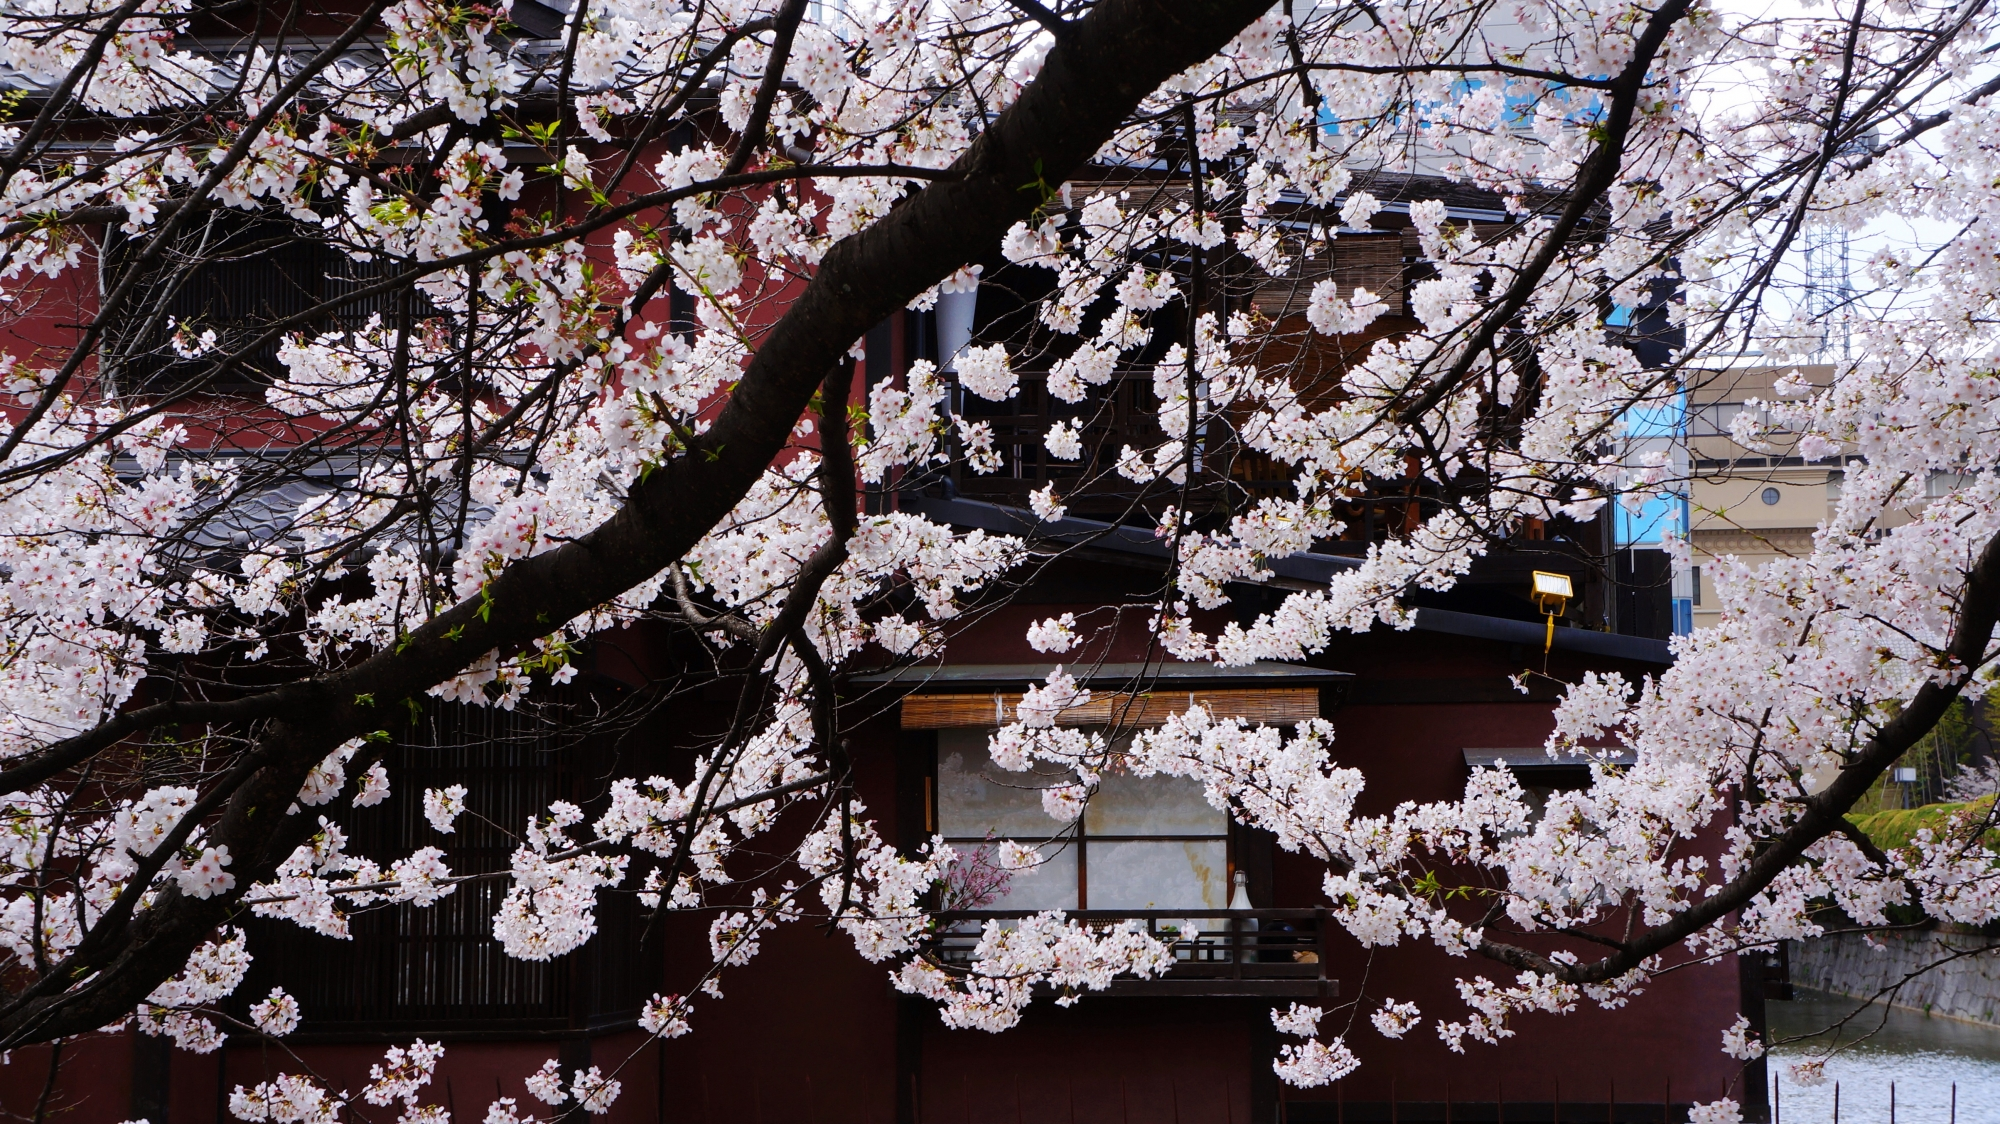 周辺の建物を彩る華やかなピンクの桜